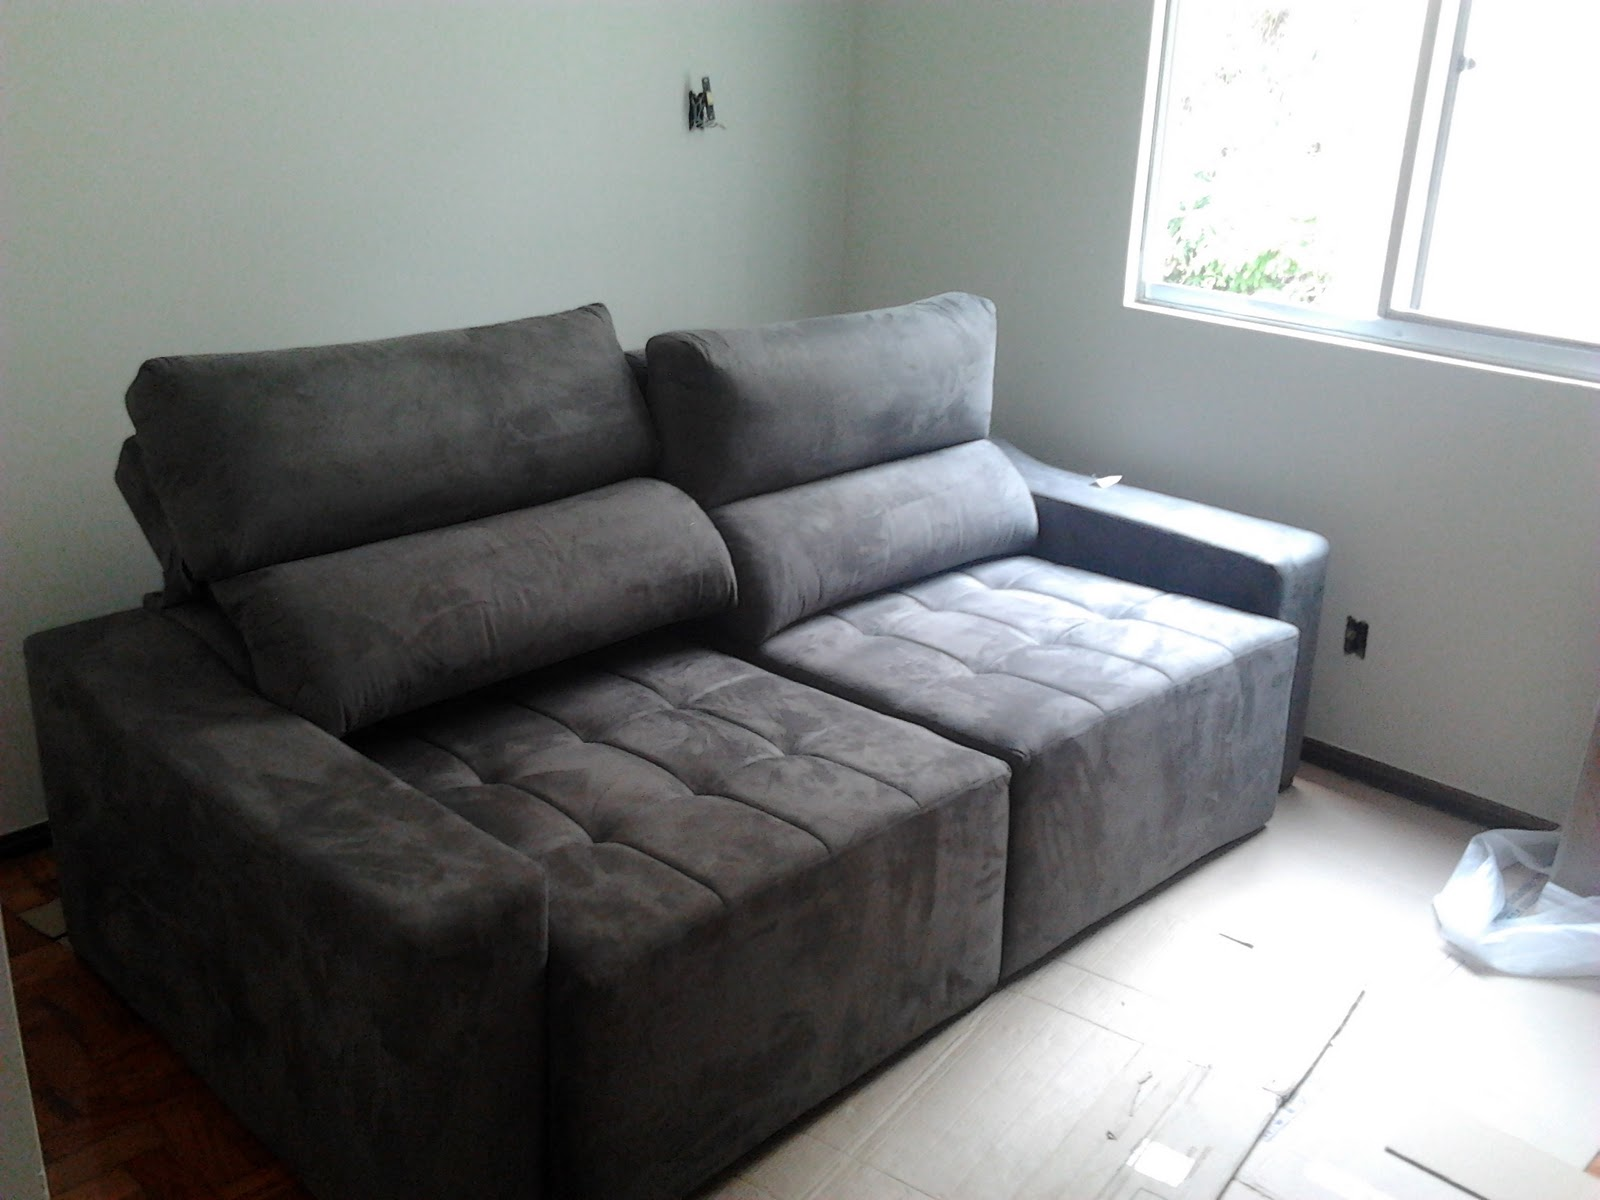 esse sofa ta bom demais beds at dreams nosso apÊ em reforma sofá novo na casa